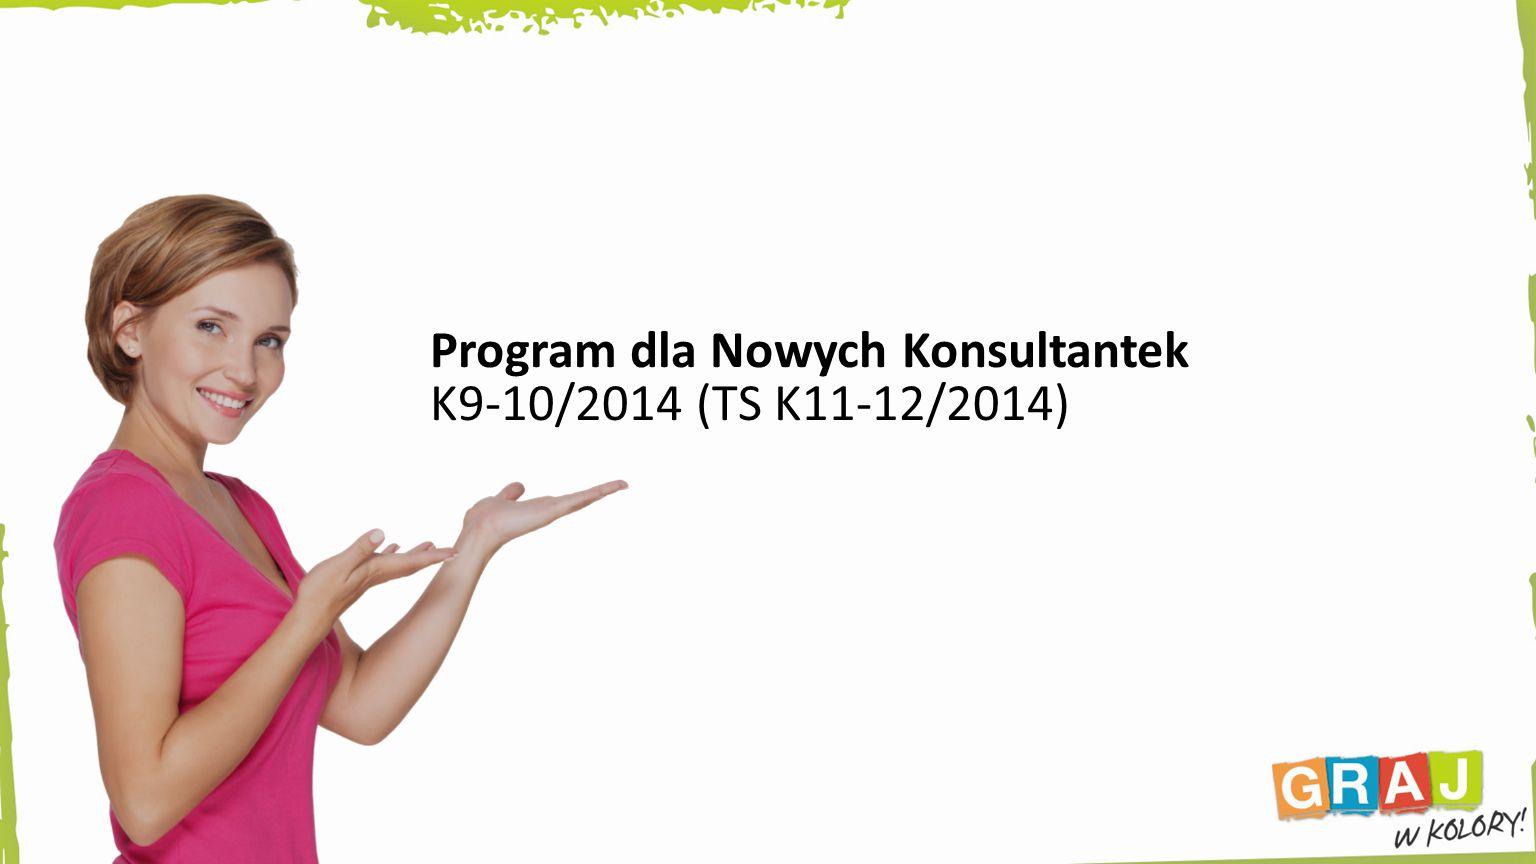 Program dla Nowych Konsultantek K9-10/2014 (TS K11-12/2014)